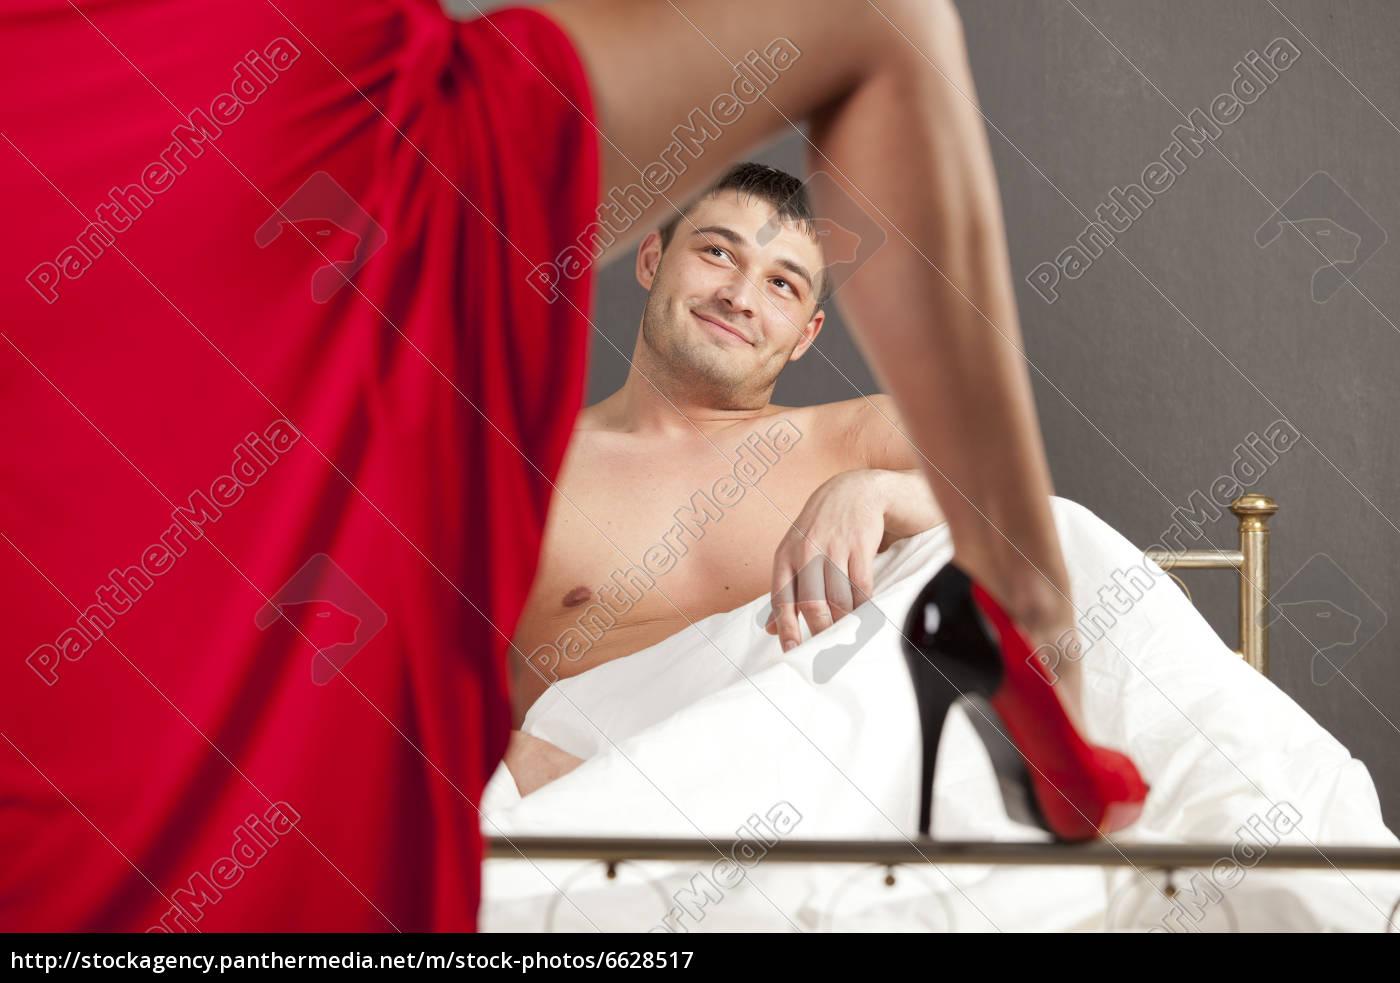 momento, seducente, per, l'uomo - 6628517